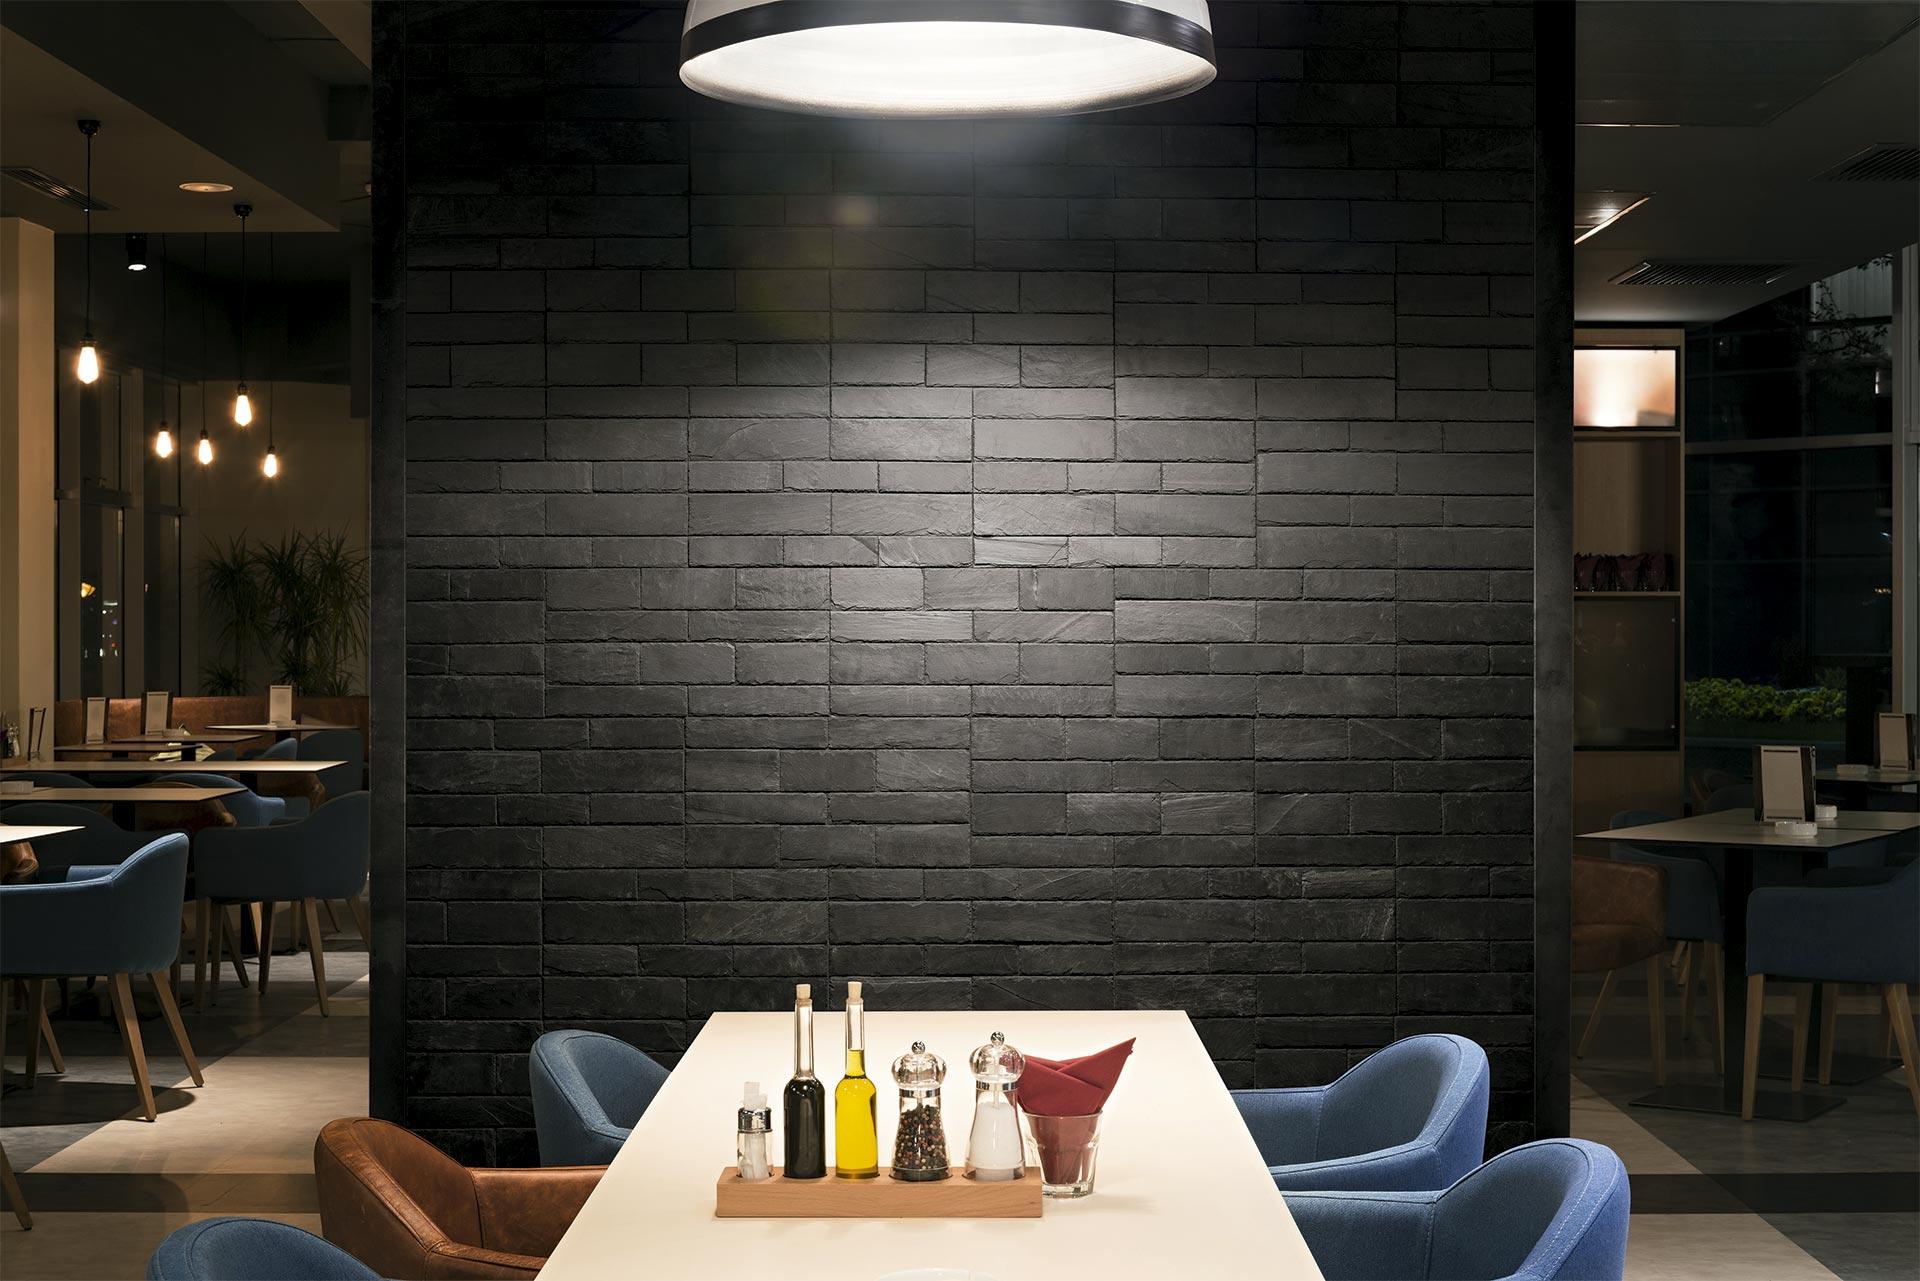 stonetack instalado en la pared de un restaurante